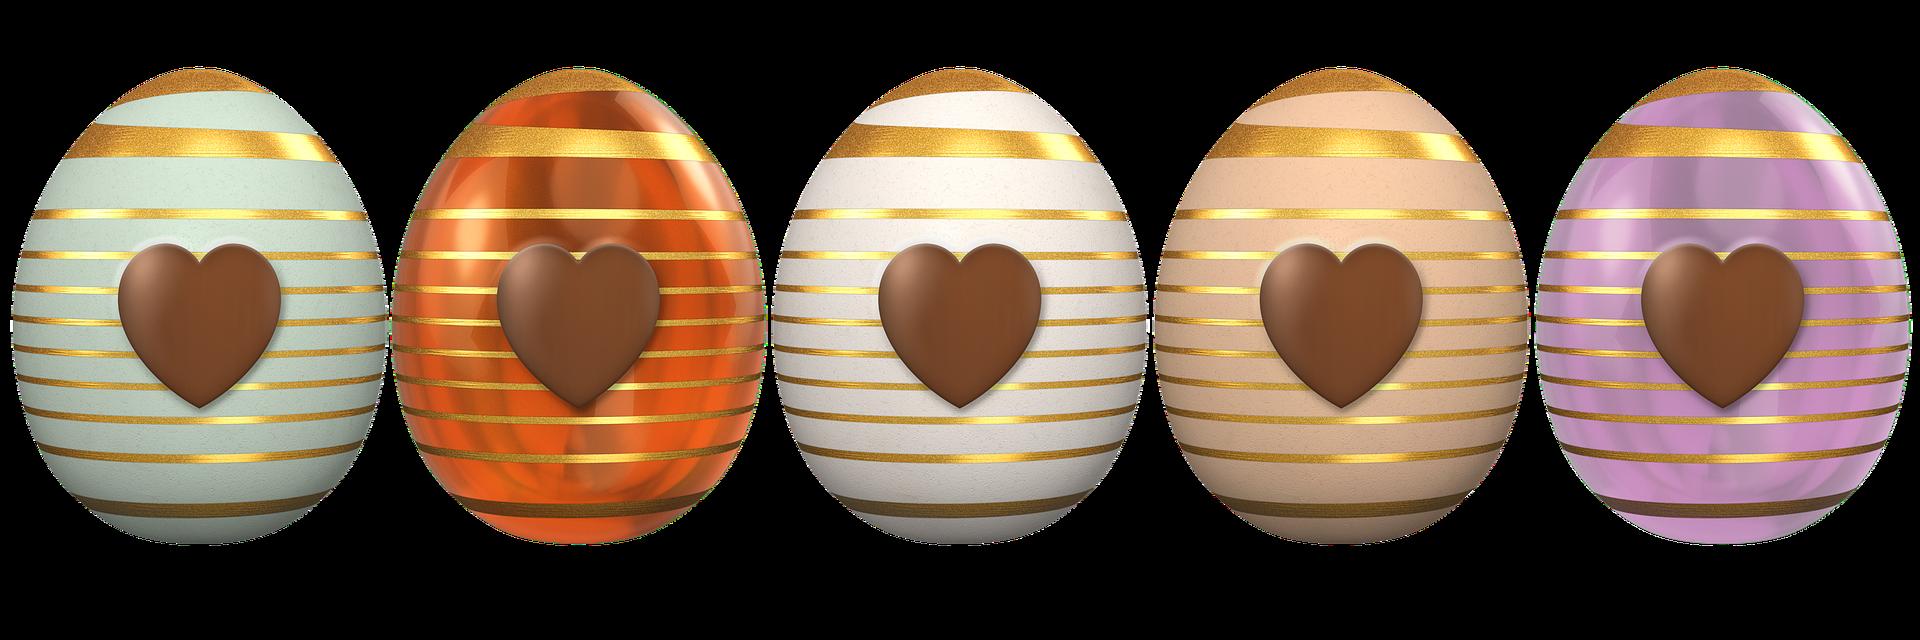 Wat is het effect van chocolade op je huid?